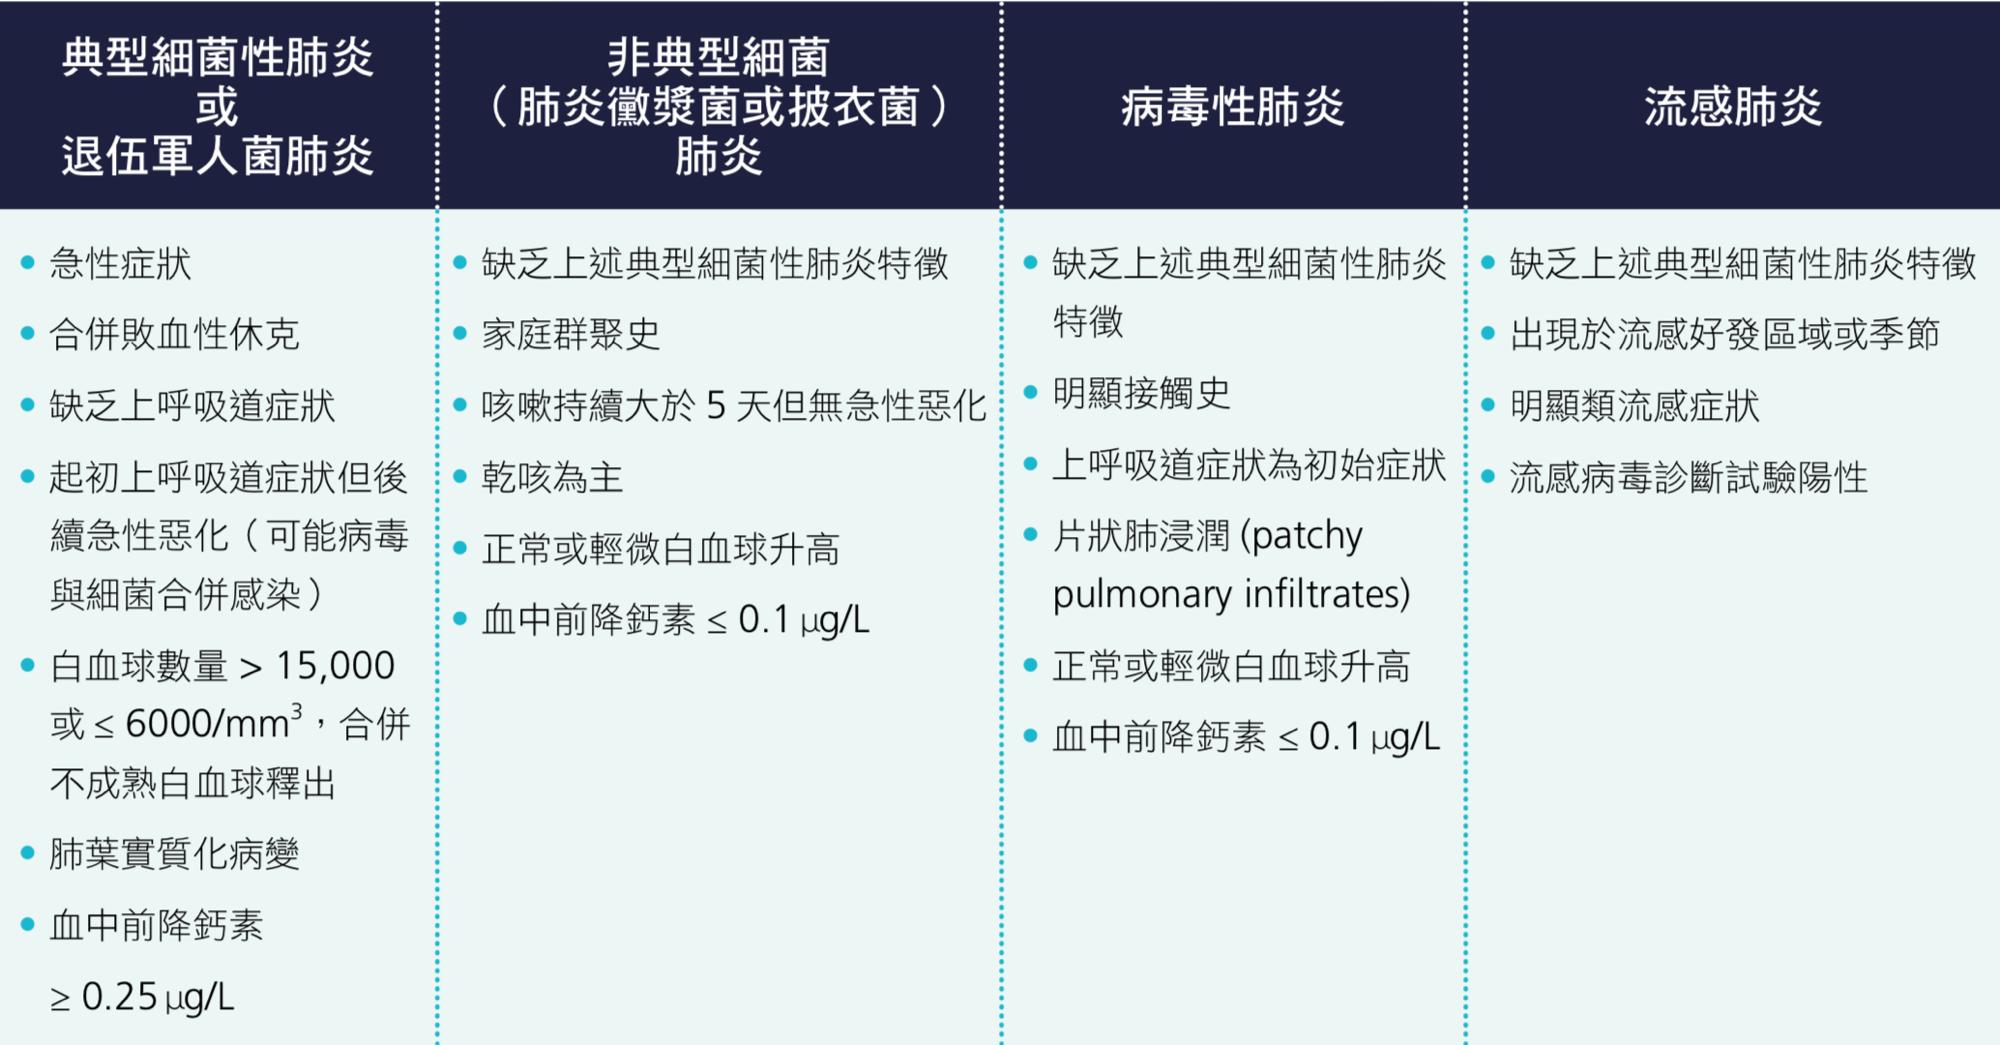 2-1 常見菌種   臺灣肺炎診治指引